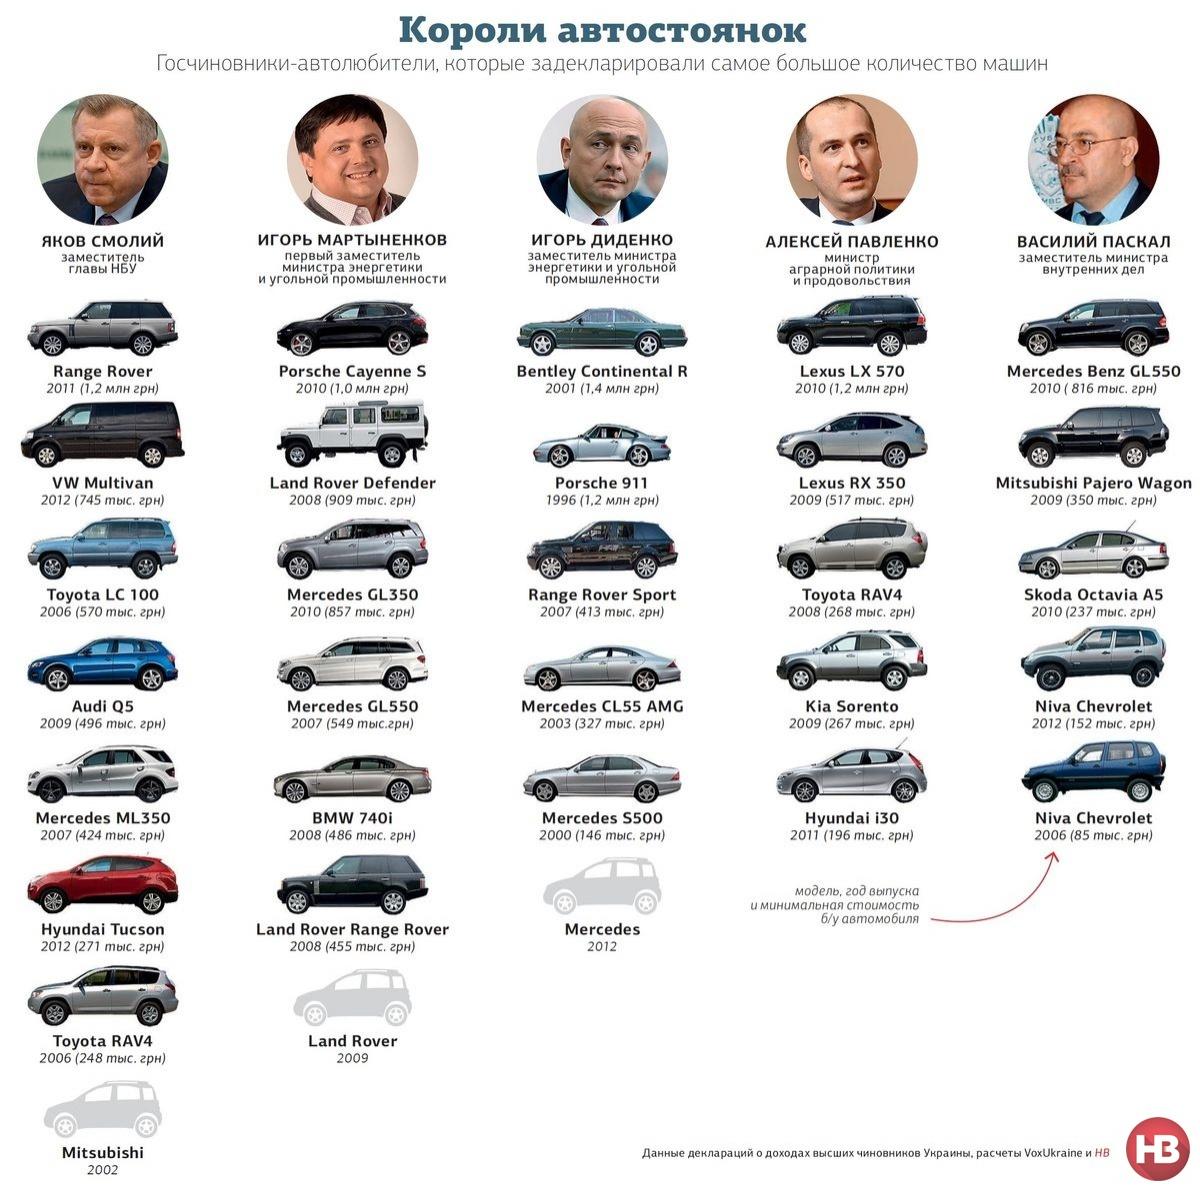 Самые дорогие автопарки чиновников